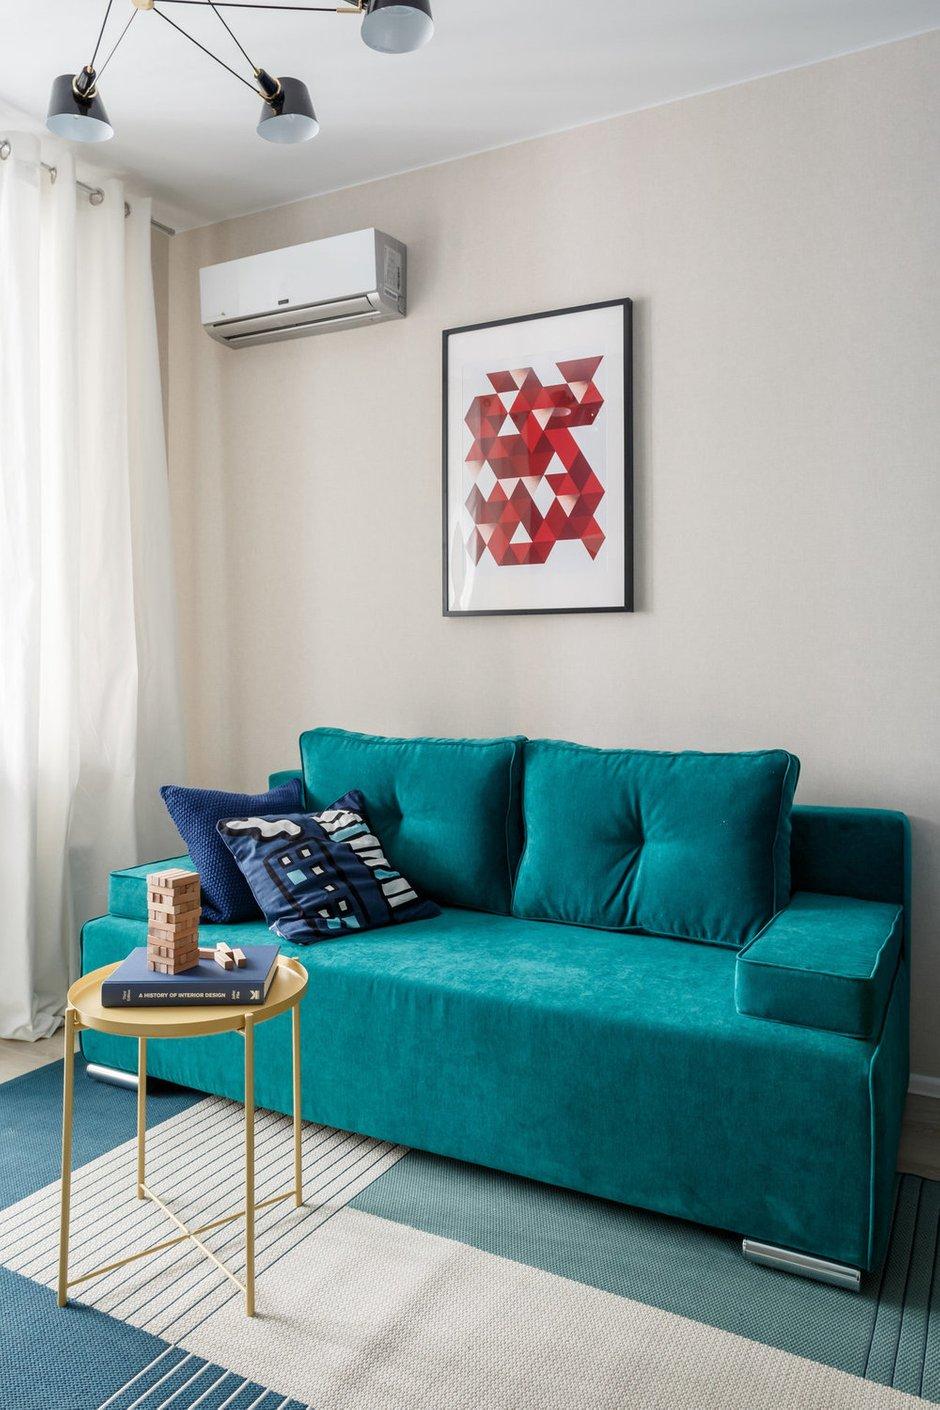 В гостиной в глаза бросается яркий изумрудно-зеленый диван — именно его обивка и привлекла дизайнеров.